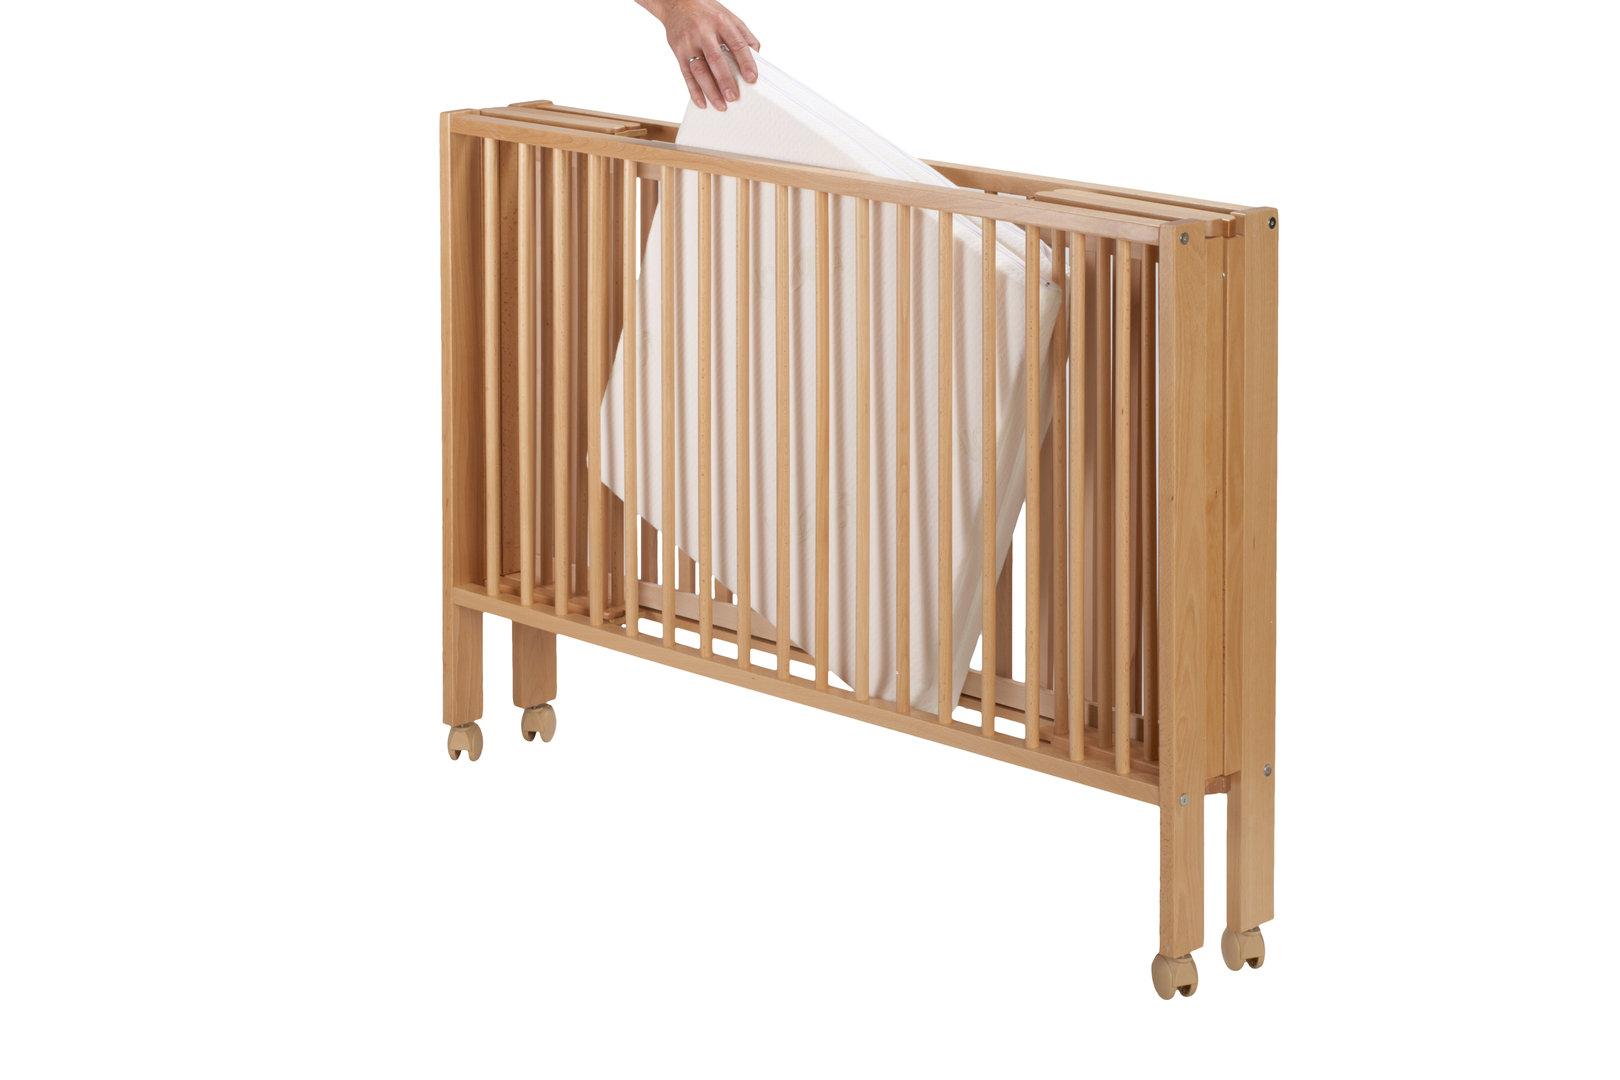 DawOst TiSsi® Reisebett Kinderbett Klappbett + Matratze